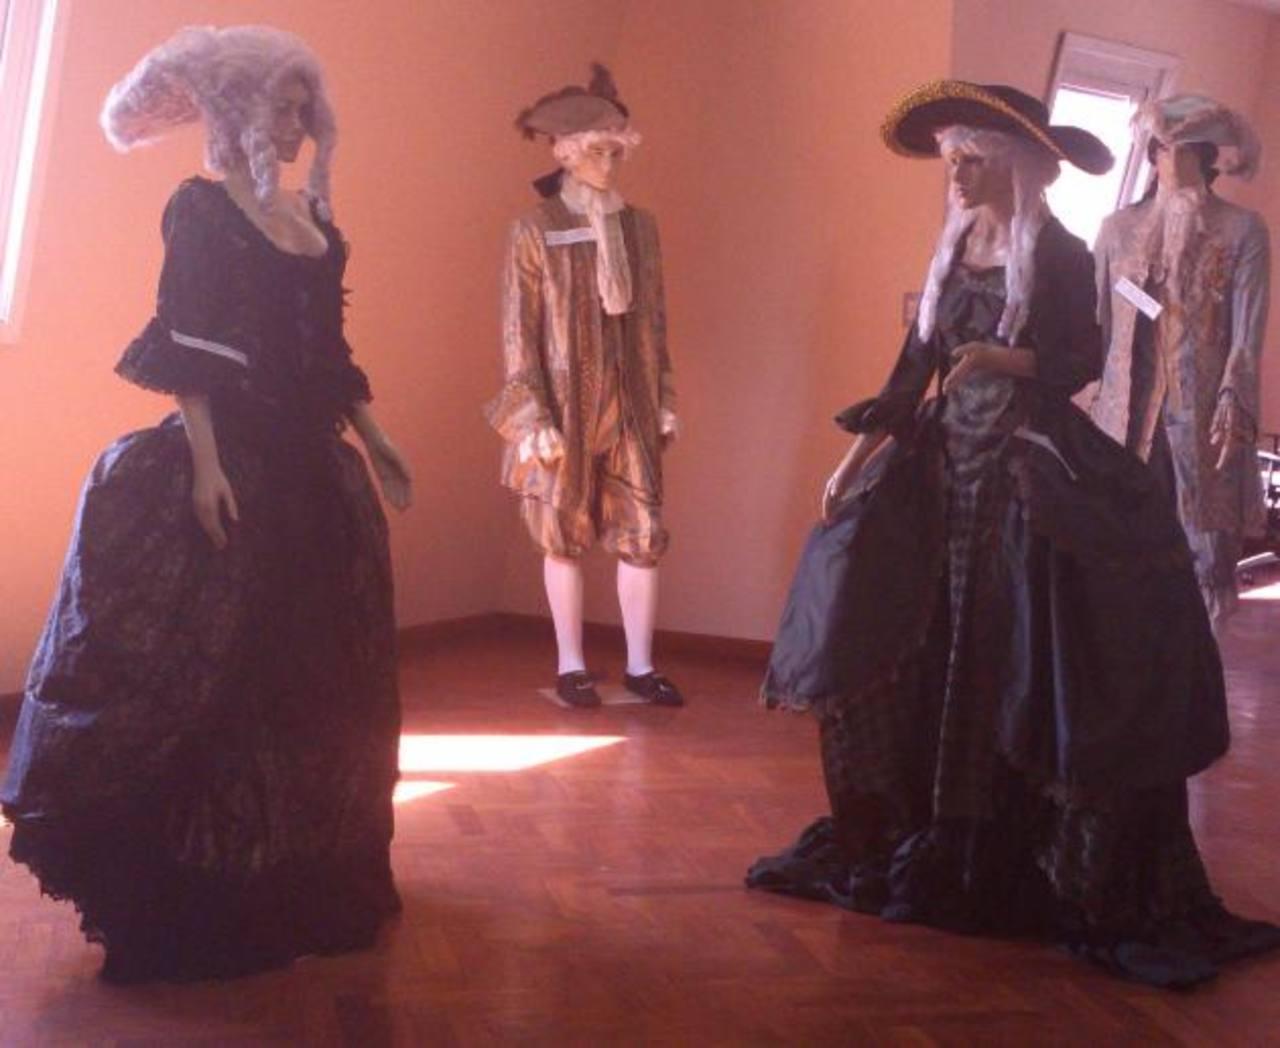 Los trajes están inspirados en varias épocas del periodo de 1700 y están hechos con mucho detalle. foto/ EDH